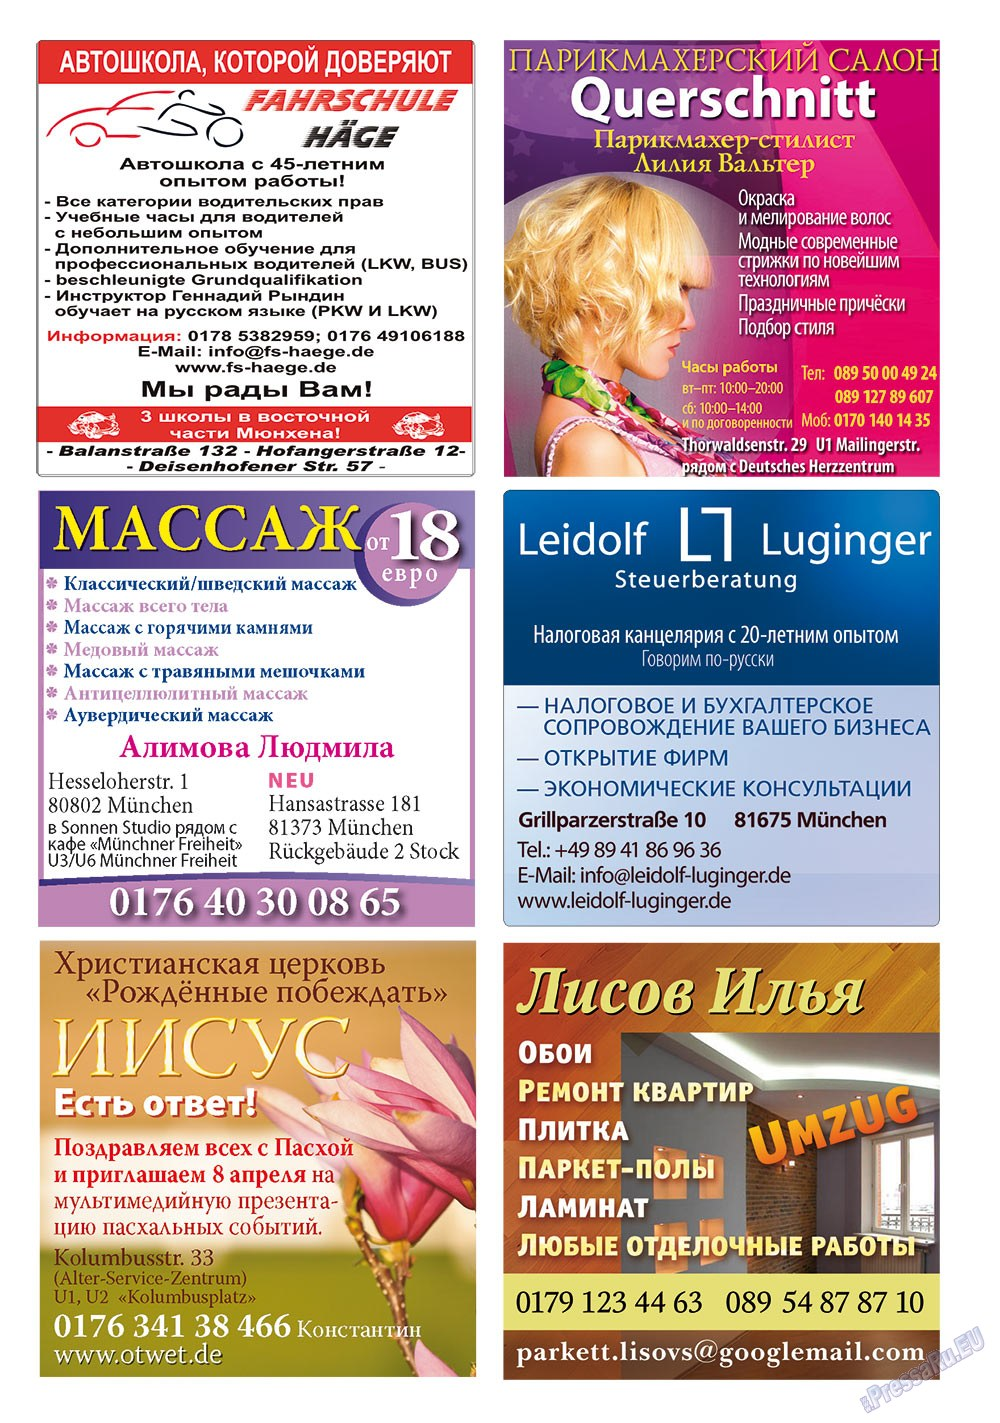 Апельсин (журнал). 2012 год, номер 33, стр. 17